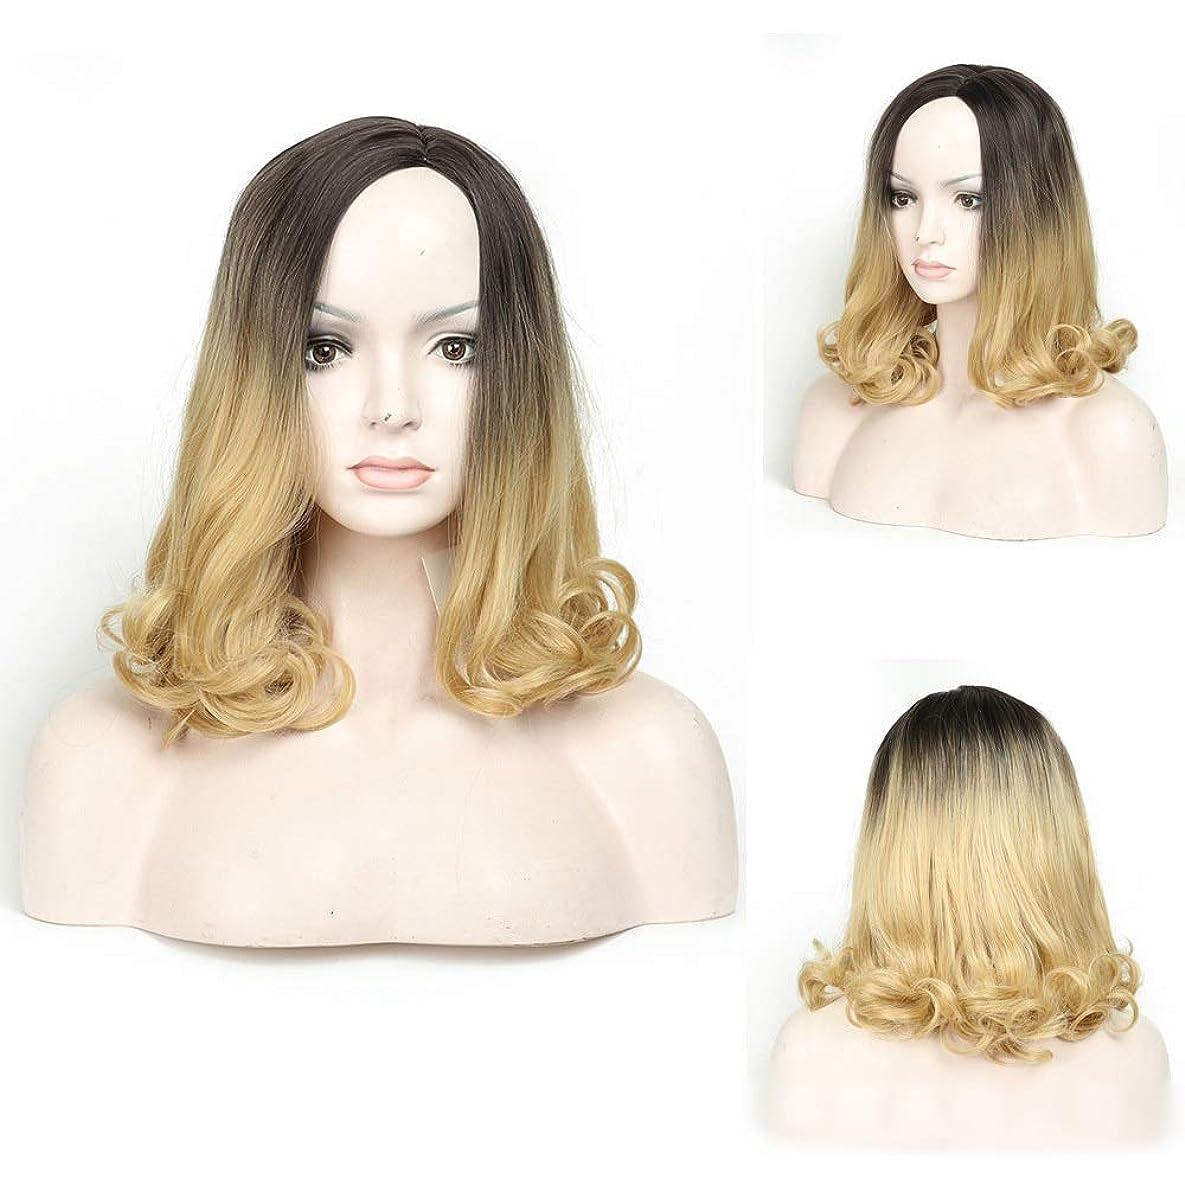 おもちゃ答え十一Yrattary 肩の長さの実体波かつらファッション黒ルーズグラデーションブロンドナチュラルカーリーウィッグ女性のための毎日のコスプレドレスパーティーかつら (Color : Blonde, サイズ : 14 inch)